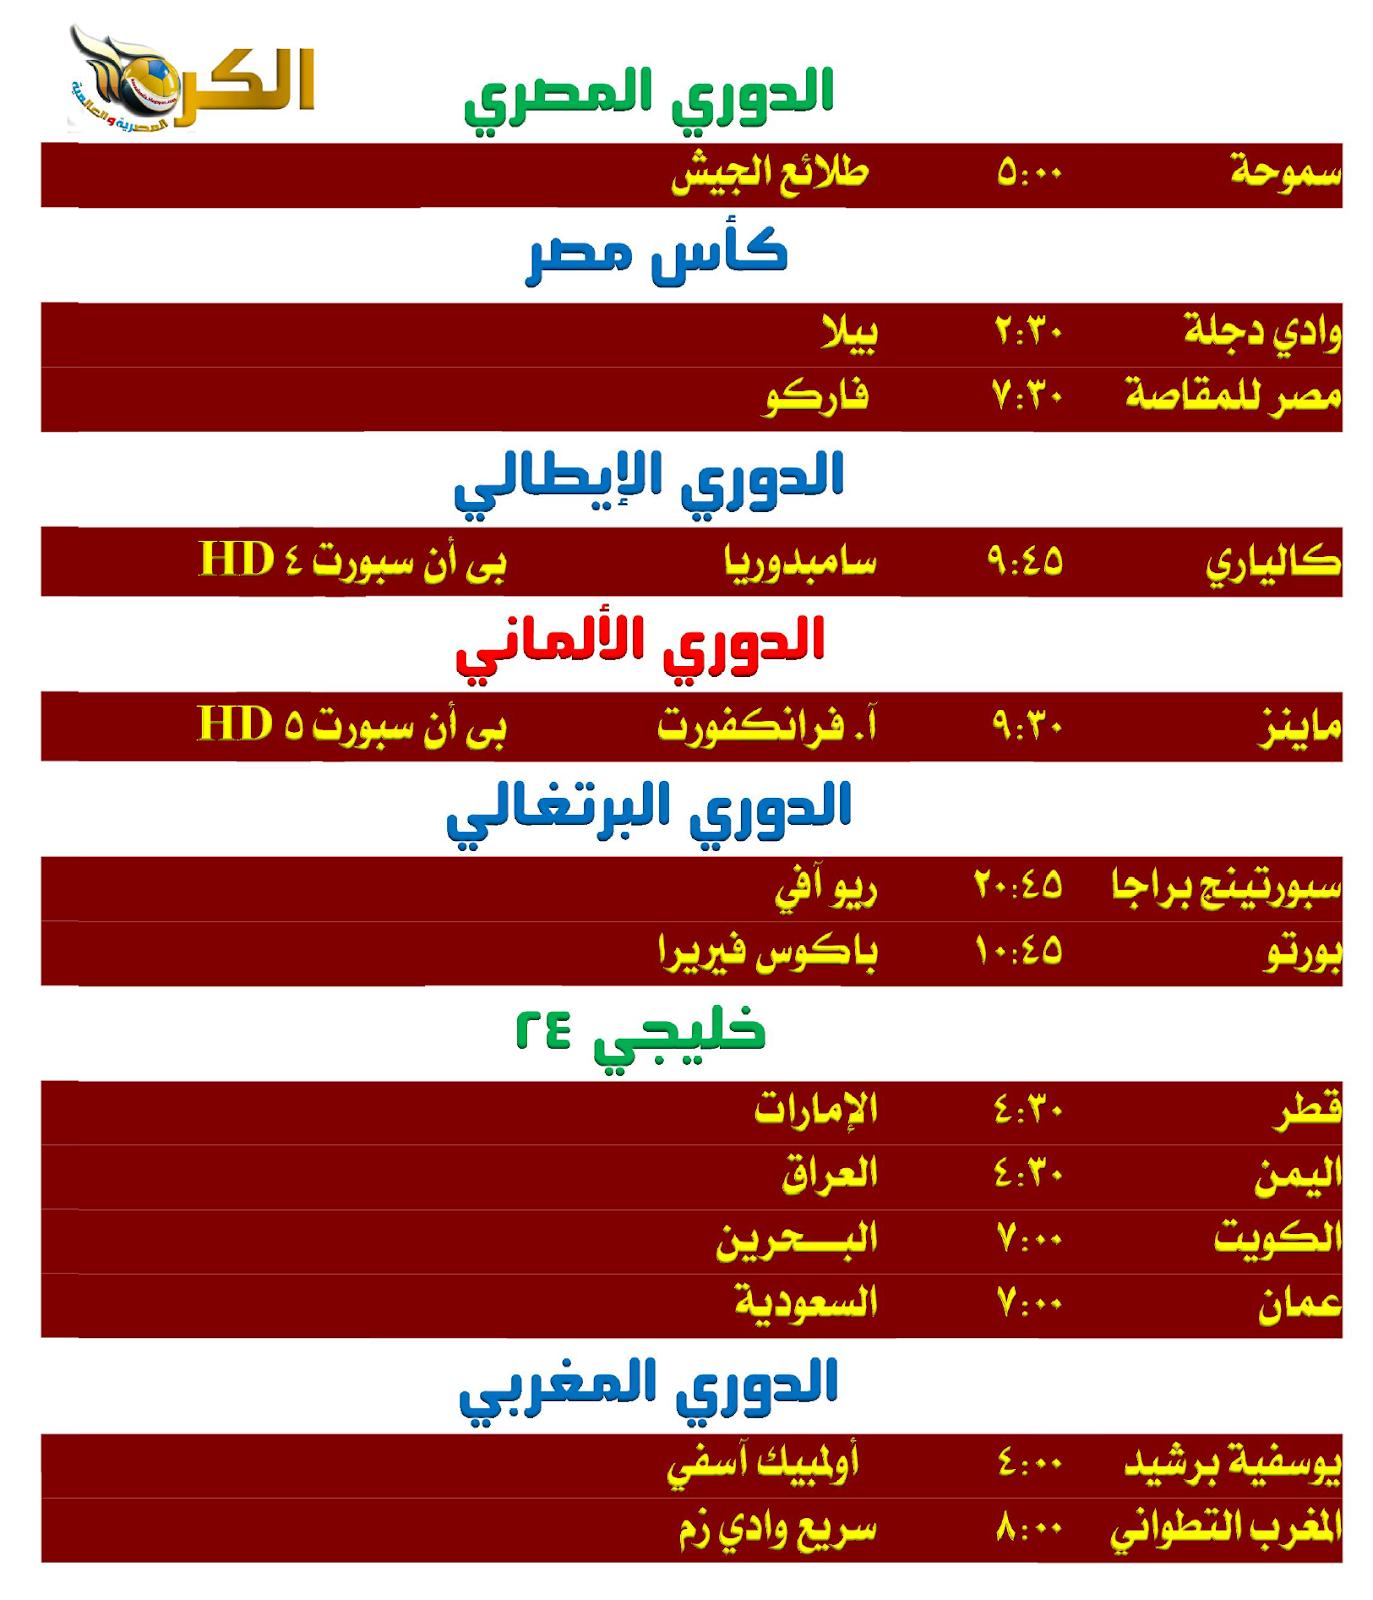 جدول مباريات اليوم الاثنين الموافق 2 12 2019